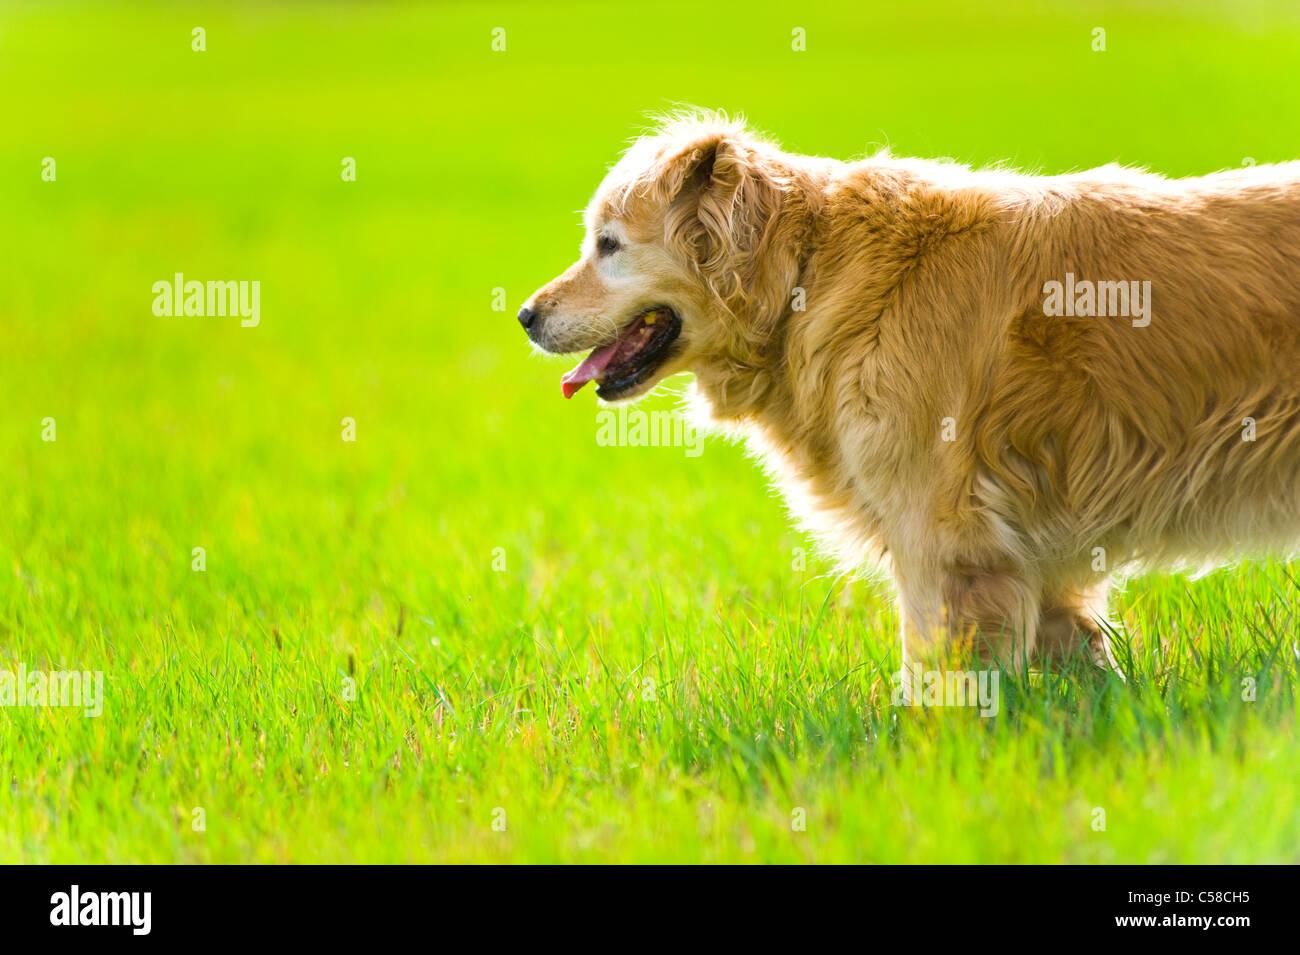 Une belle, élégante, vieux, femme golden retriever debout dans un champ dans la lumière du soleil Photo Stock